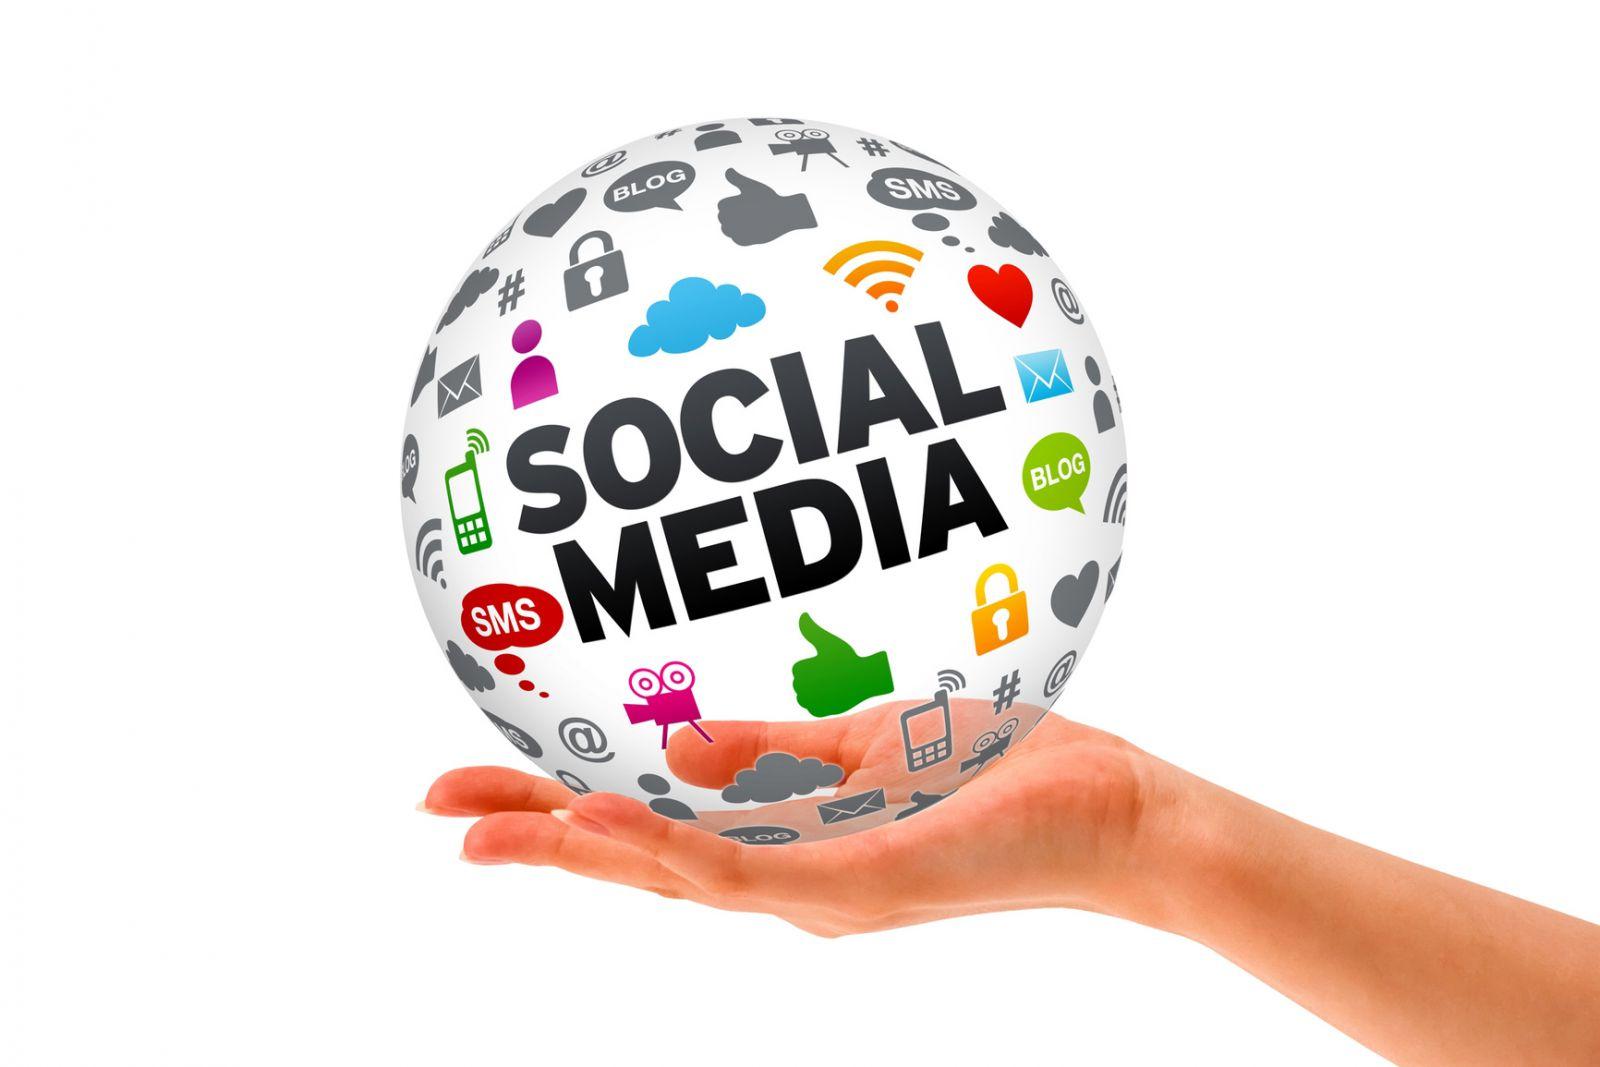 Có lẽ điều lôi cuốn về Social Media là sự tương tác của người sử dụng với thương hiệu của bạn được gần gũi hơn.